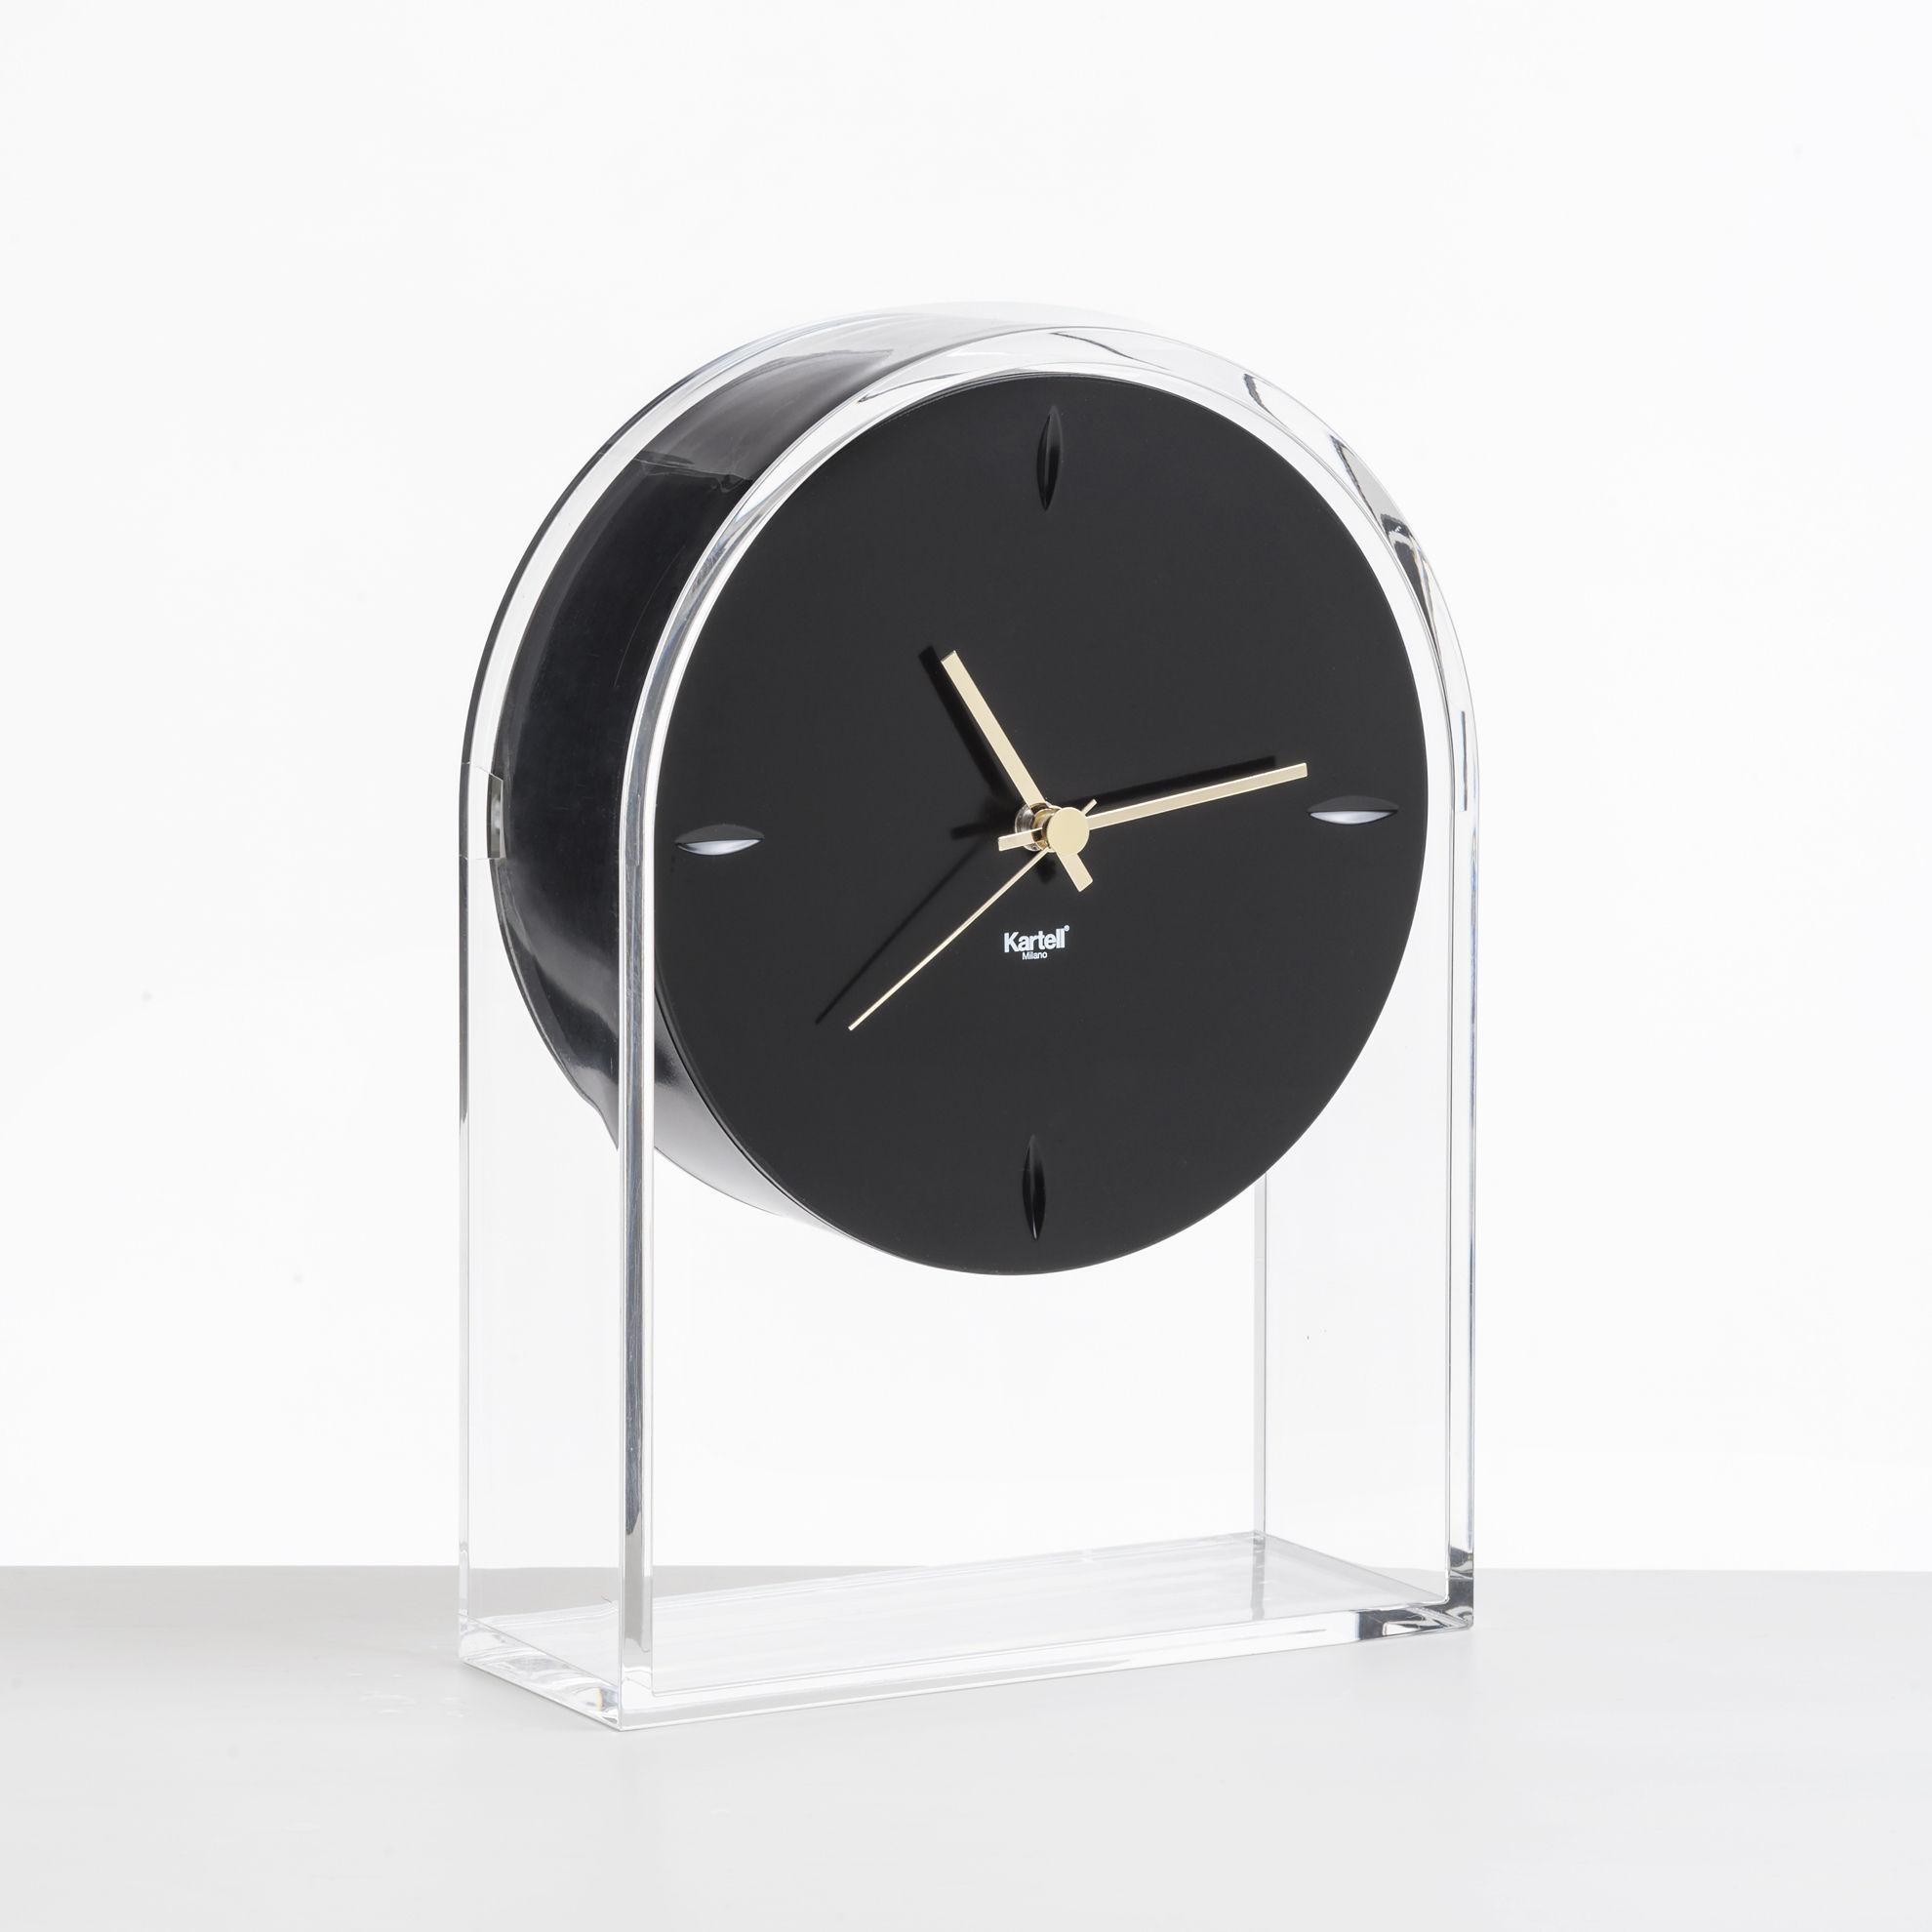 Déco - Horloges  - Horloge à poser L'Air du temps / H 30 cm - Kartell - Noir / Cristal - Technopolymère thermoplastique